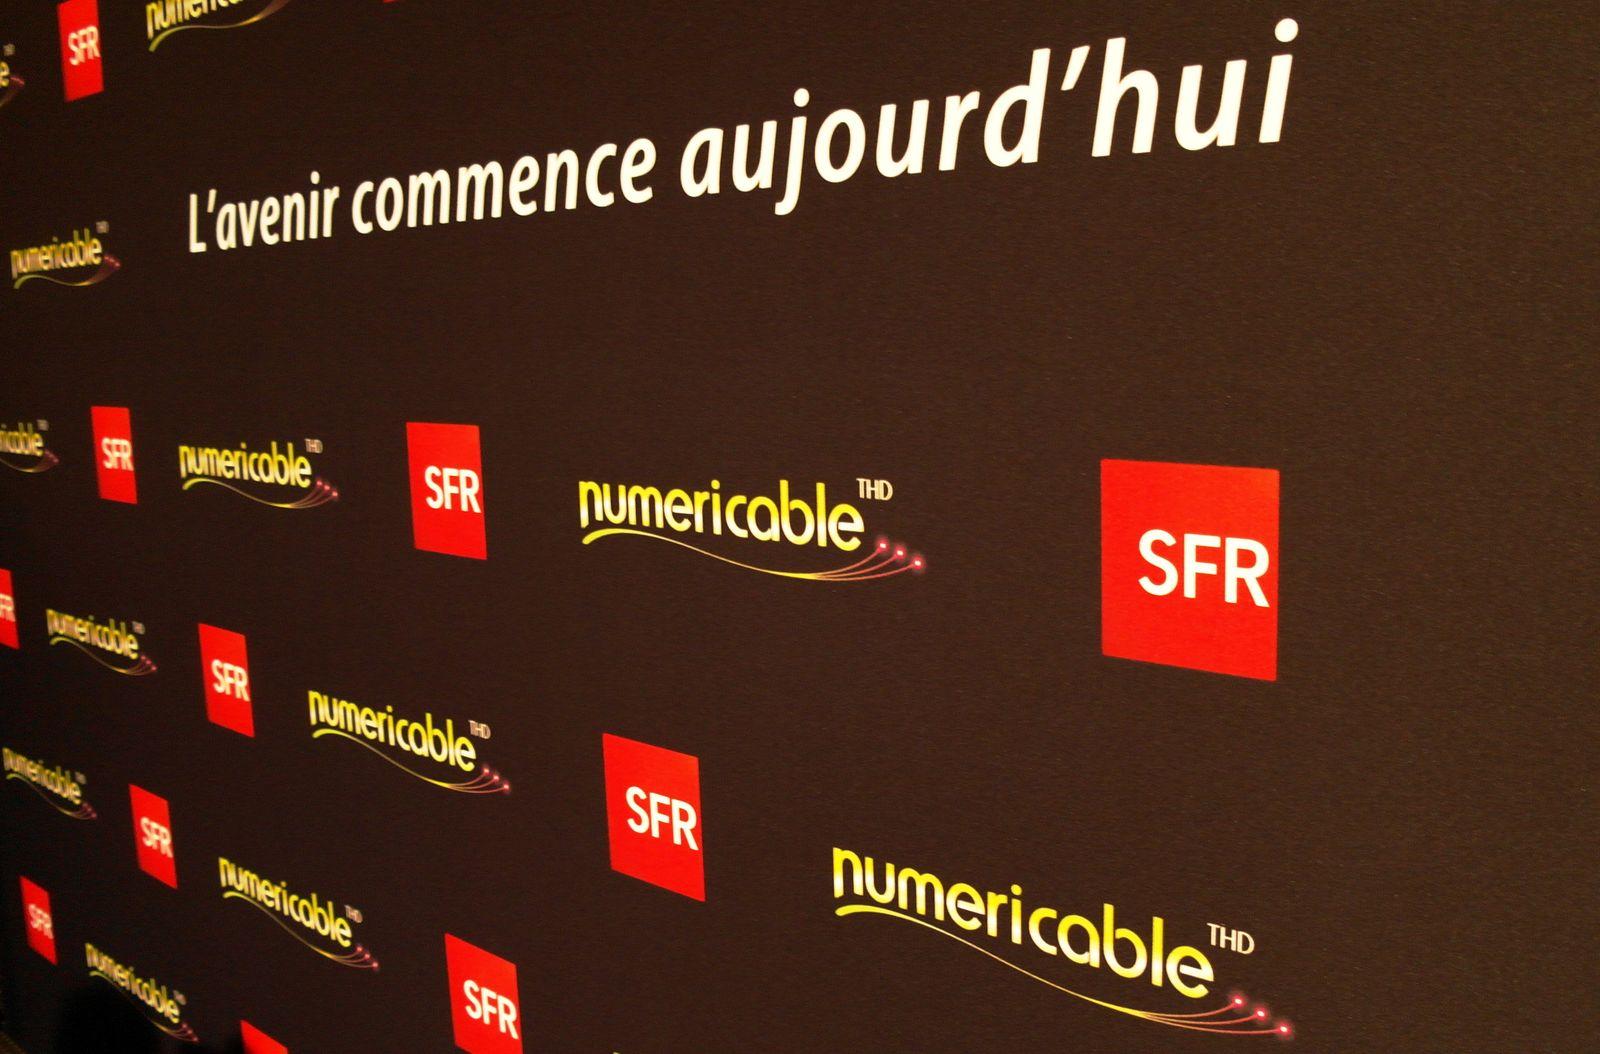 Rachat de SFR : que vont faire Vivendi, Numericable et Bouygues ?